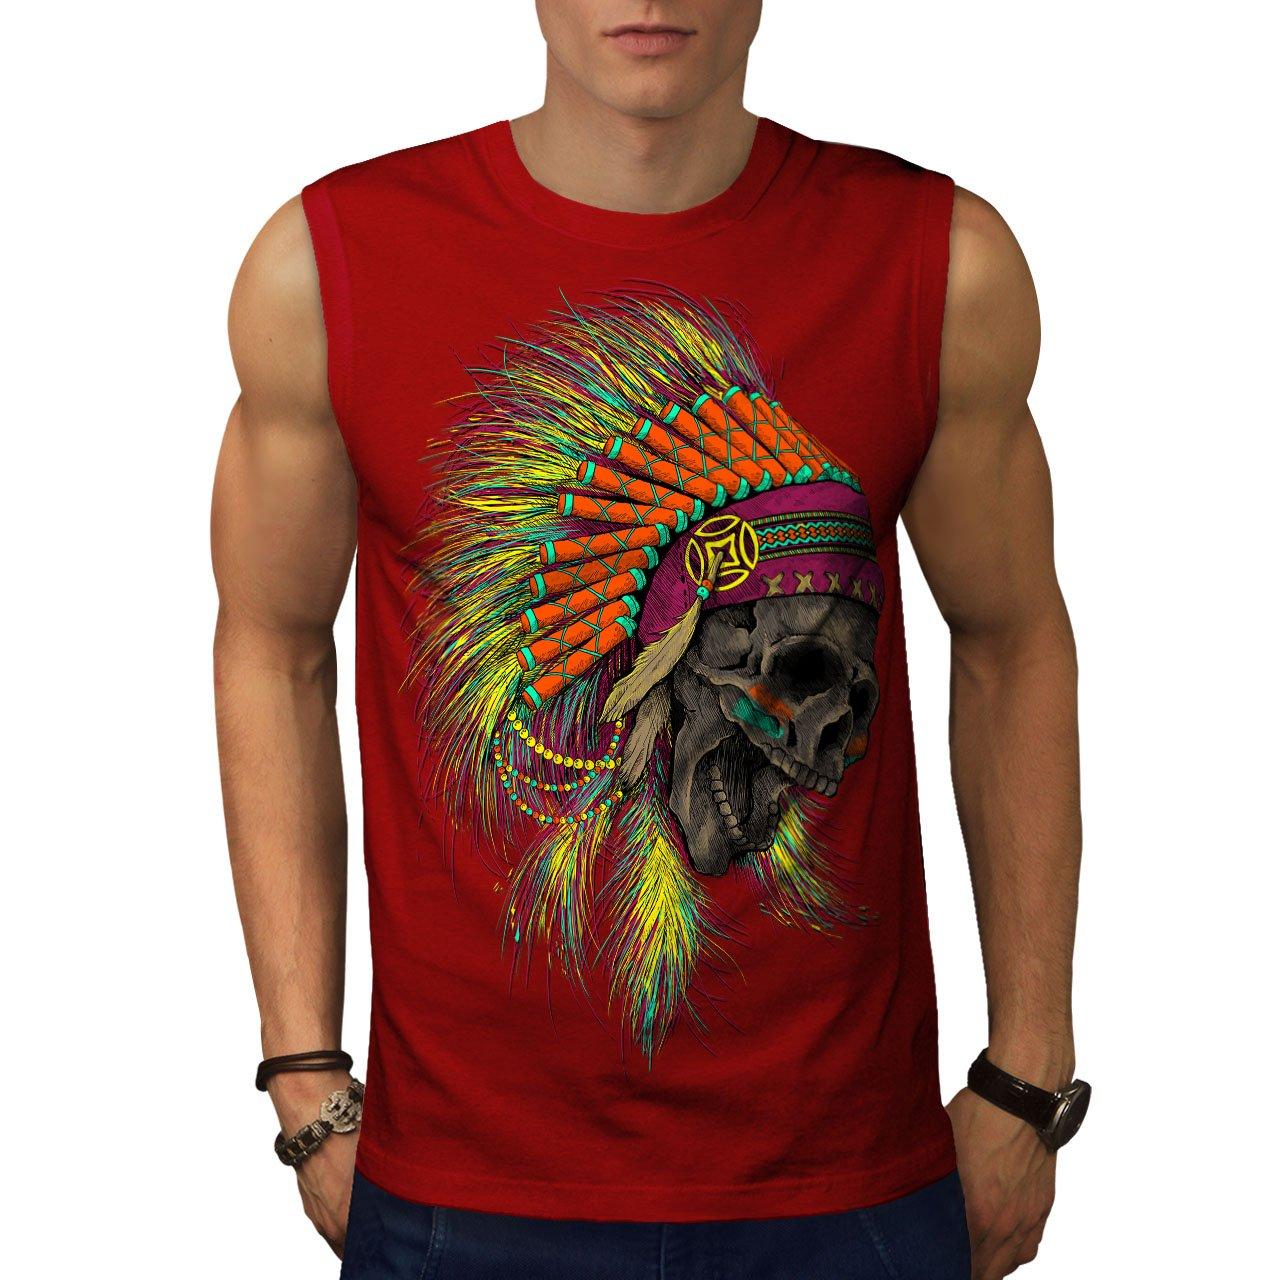 Wellcoda Mens Sleevless T-Shirt, 0 Active Top Shirt